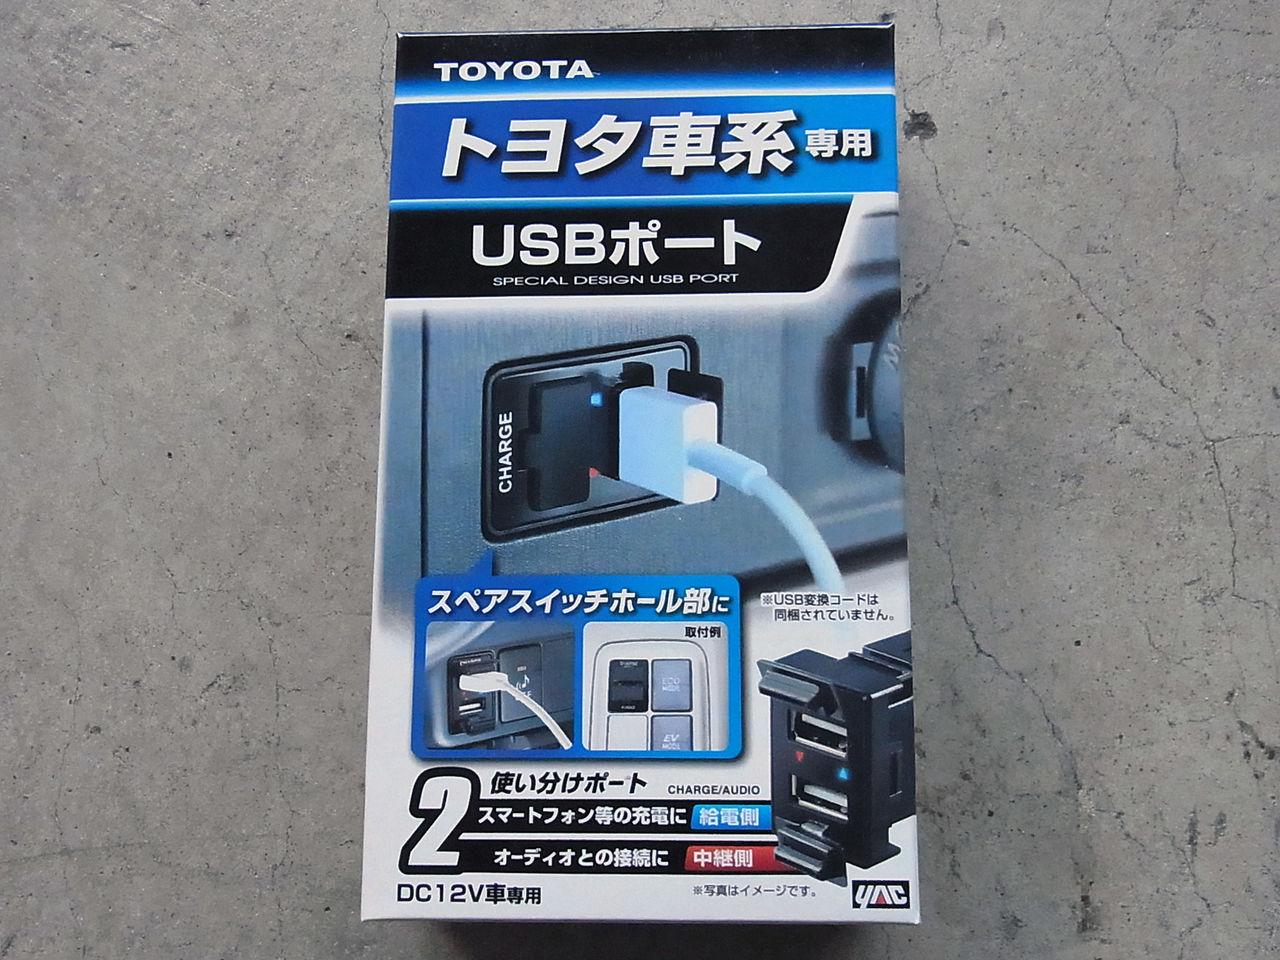 Real or Dream? : 槌屋ヤック製 オーディオパーツ トヨタ車系用 USB ...